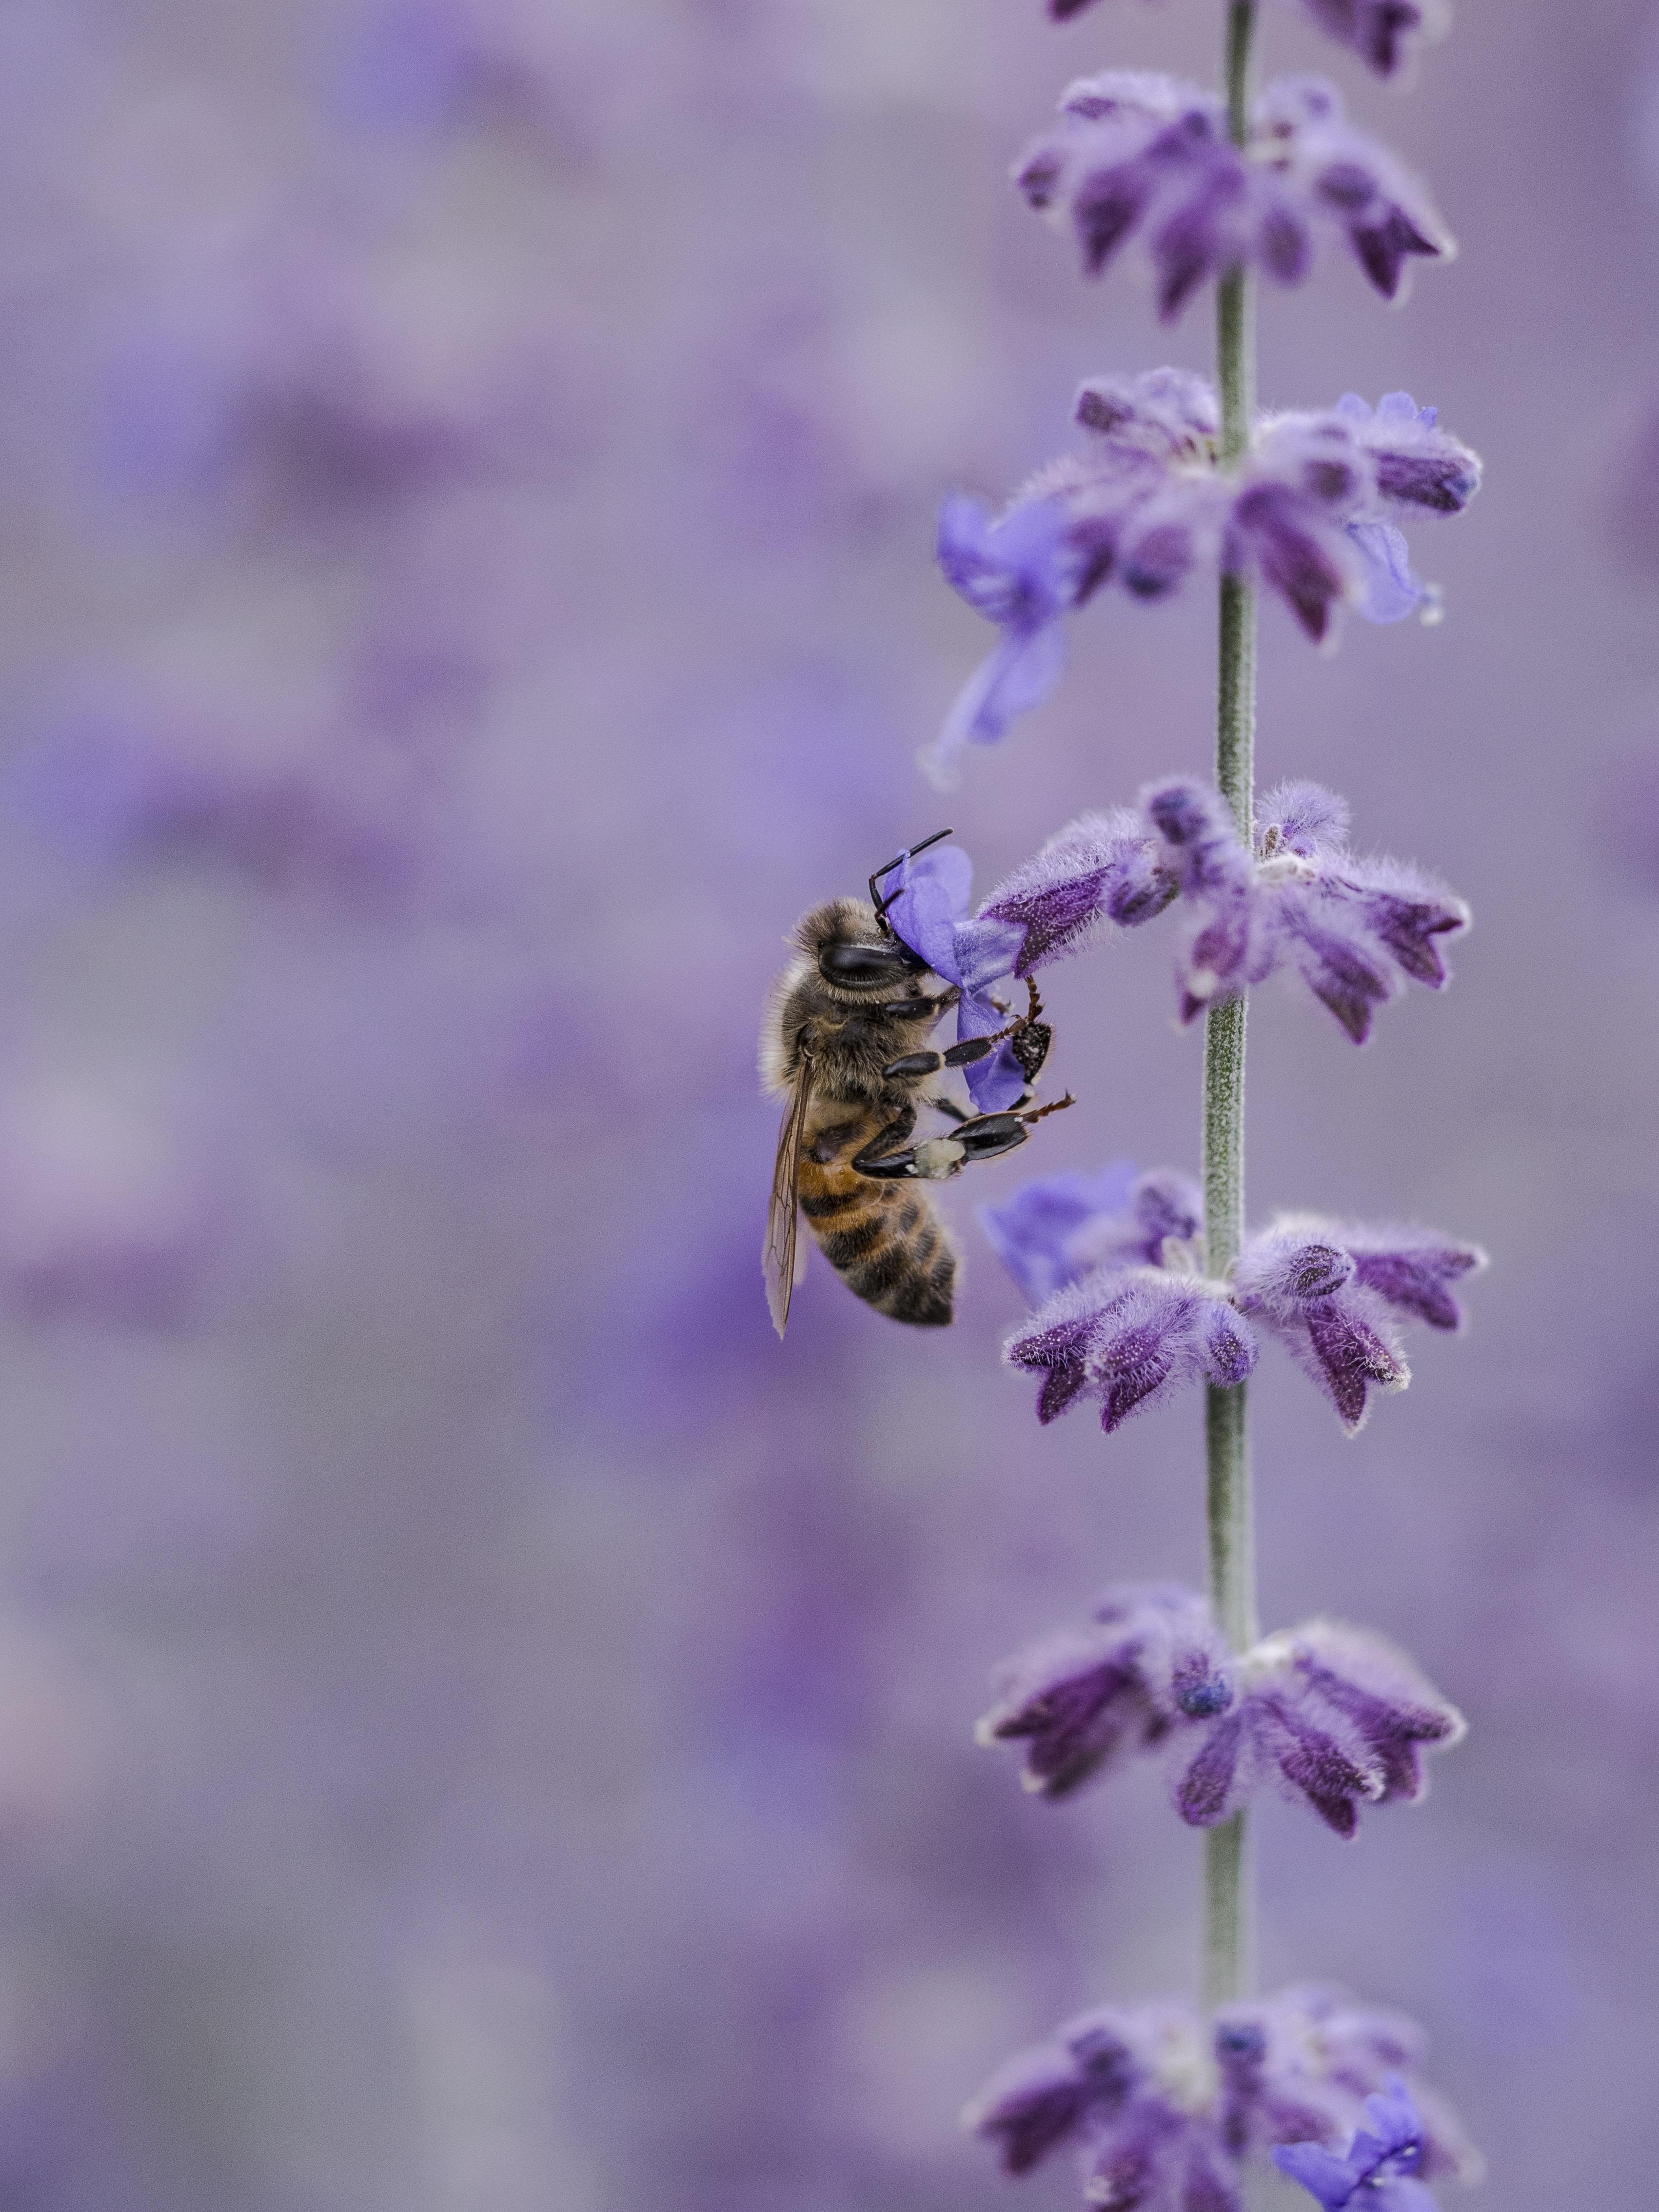 Honeybee pollinates a fuzzy purple flower in a field